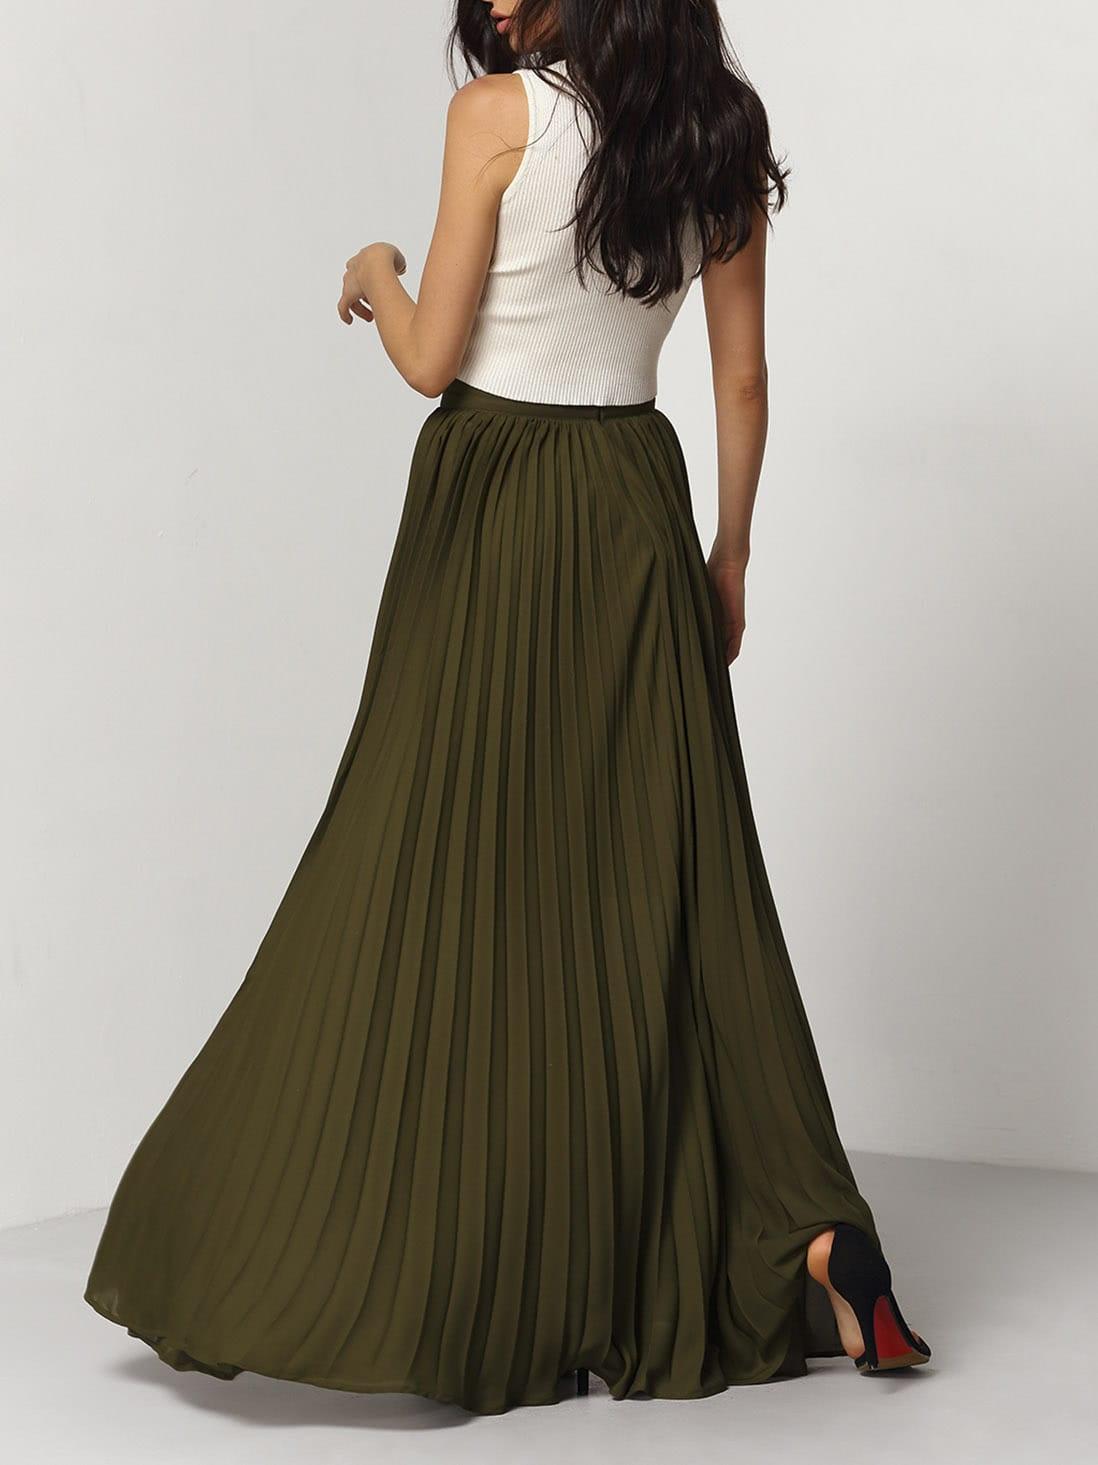 jupe longue pliss e vert kaki french romwe. Black Bedroom Furniture Sets. Home Design Ideas